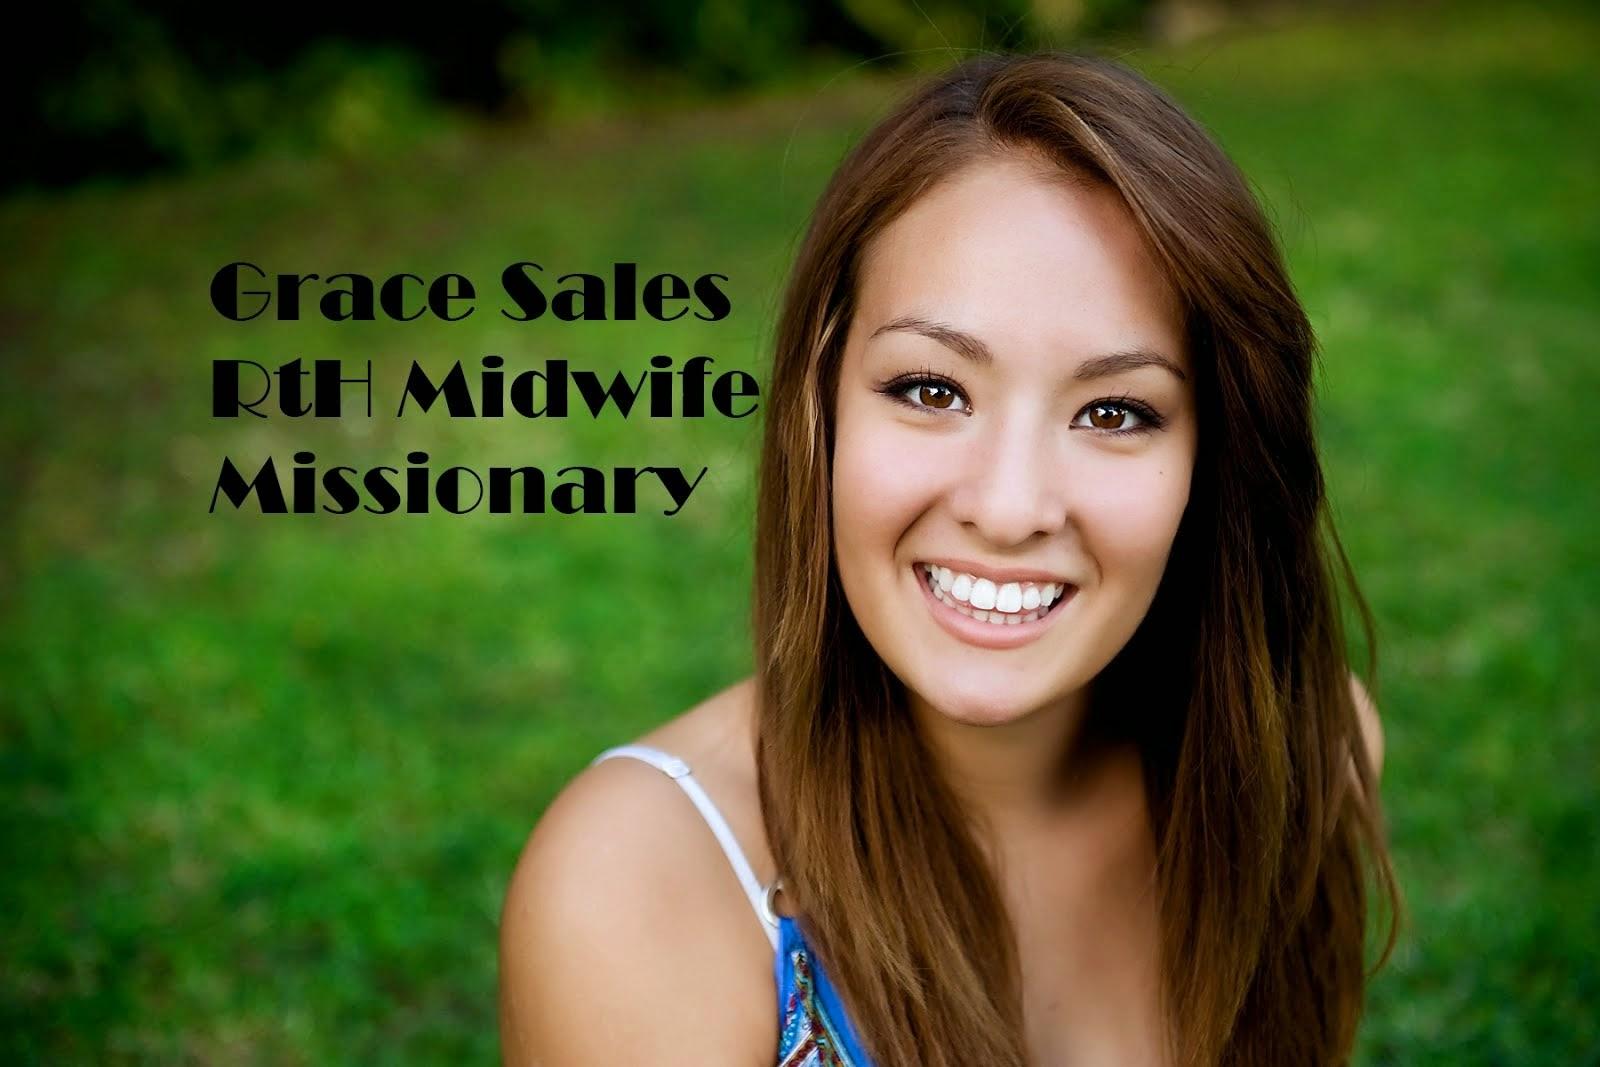 Grace Sales